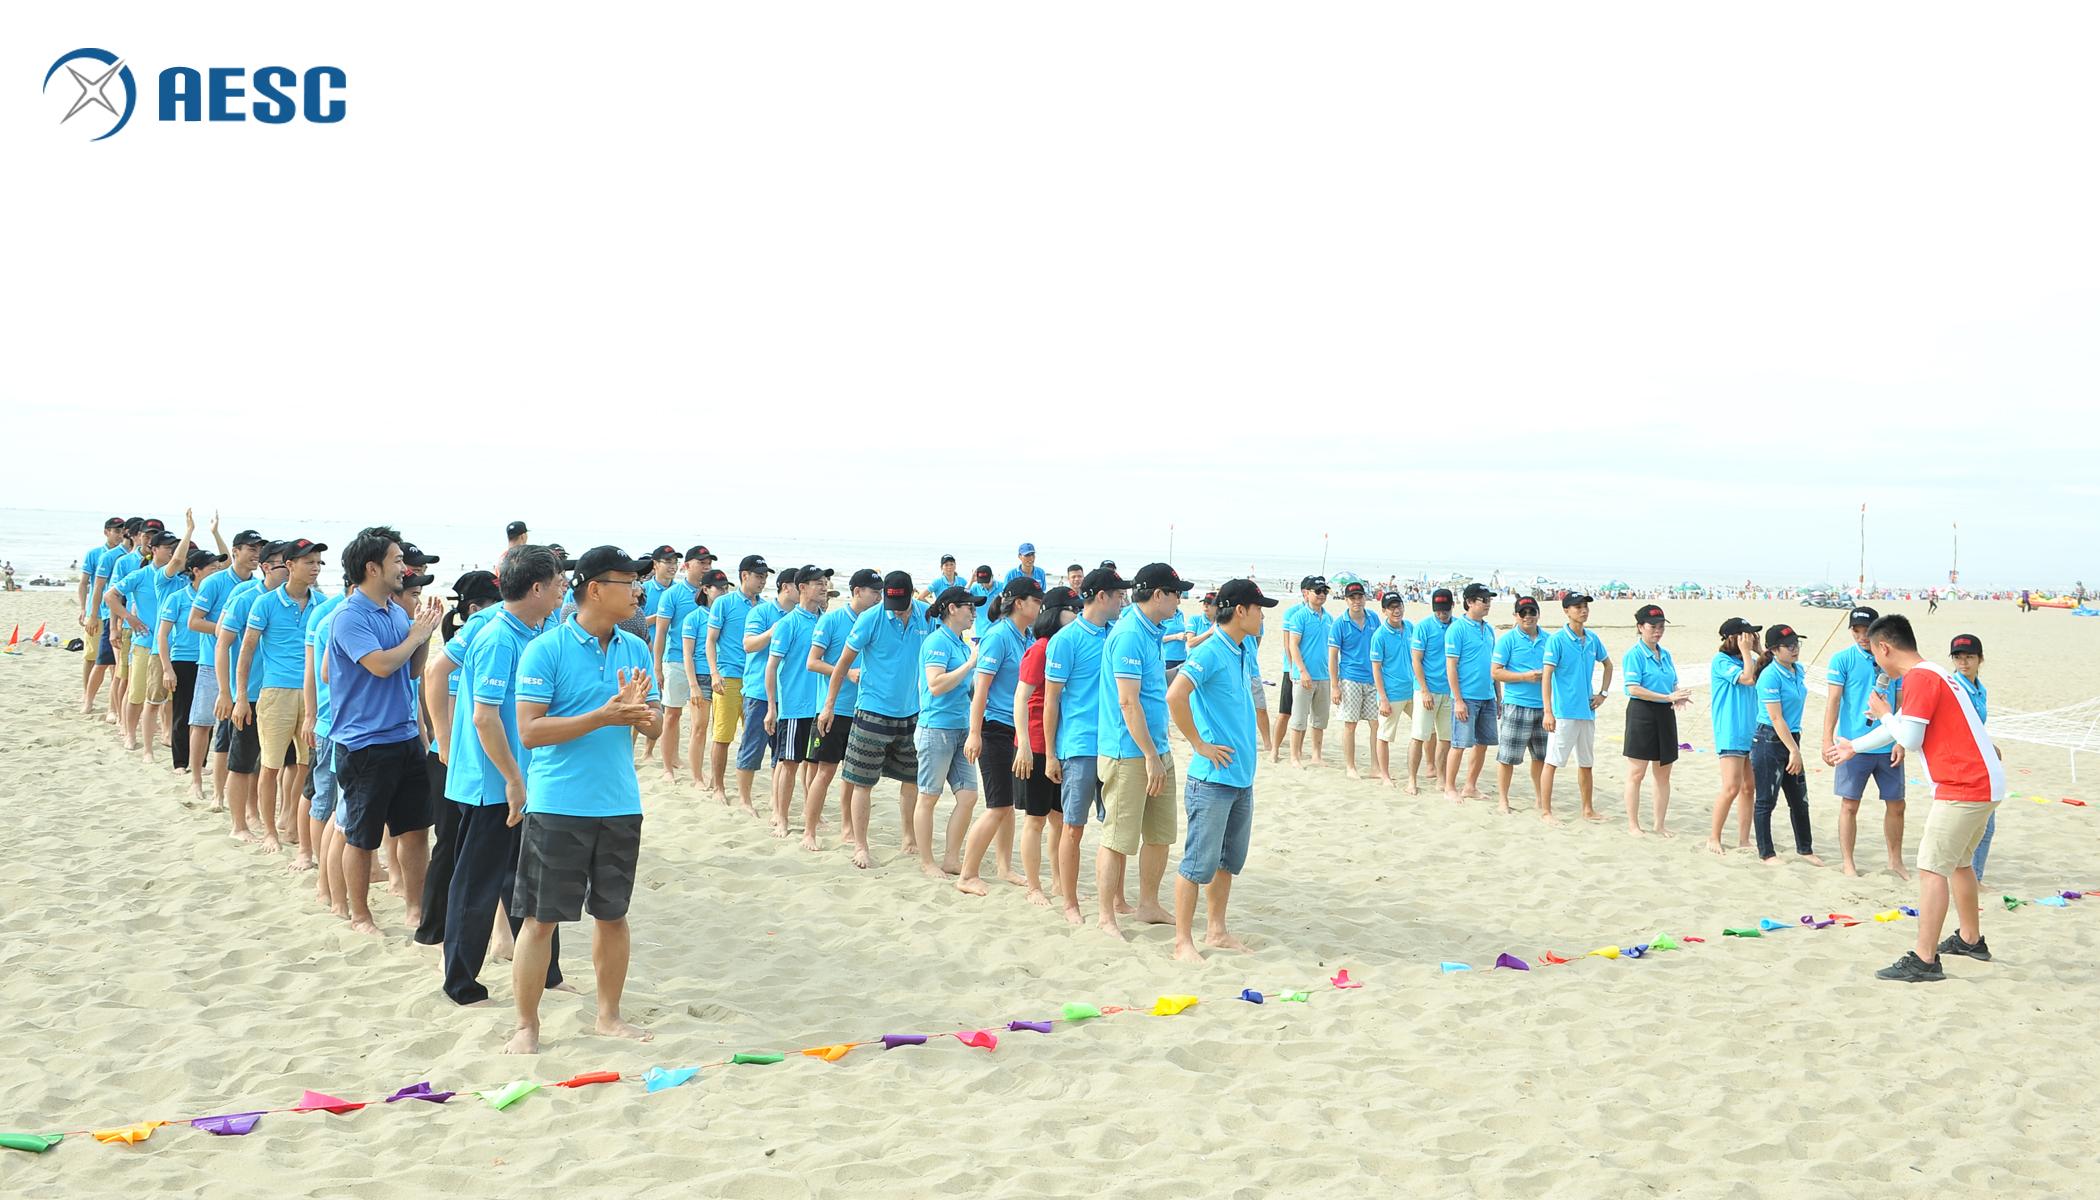 Hoạt động Teambuilding tại bãi biển Sầm Sơn